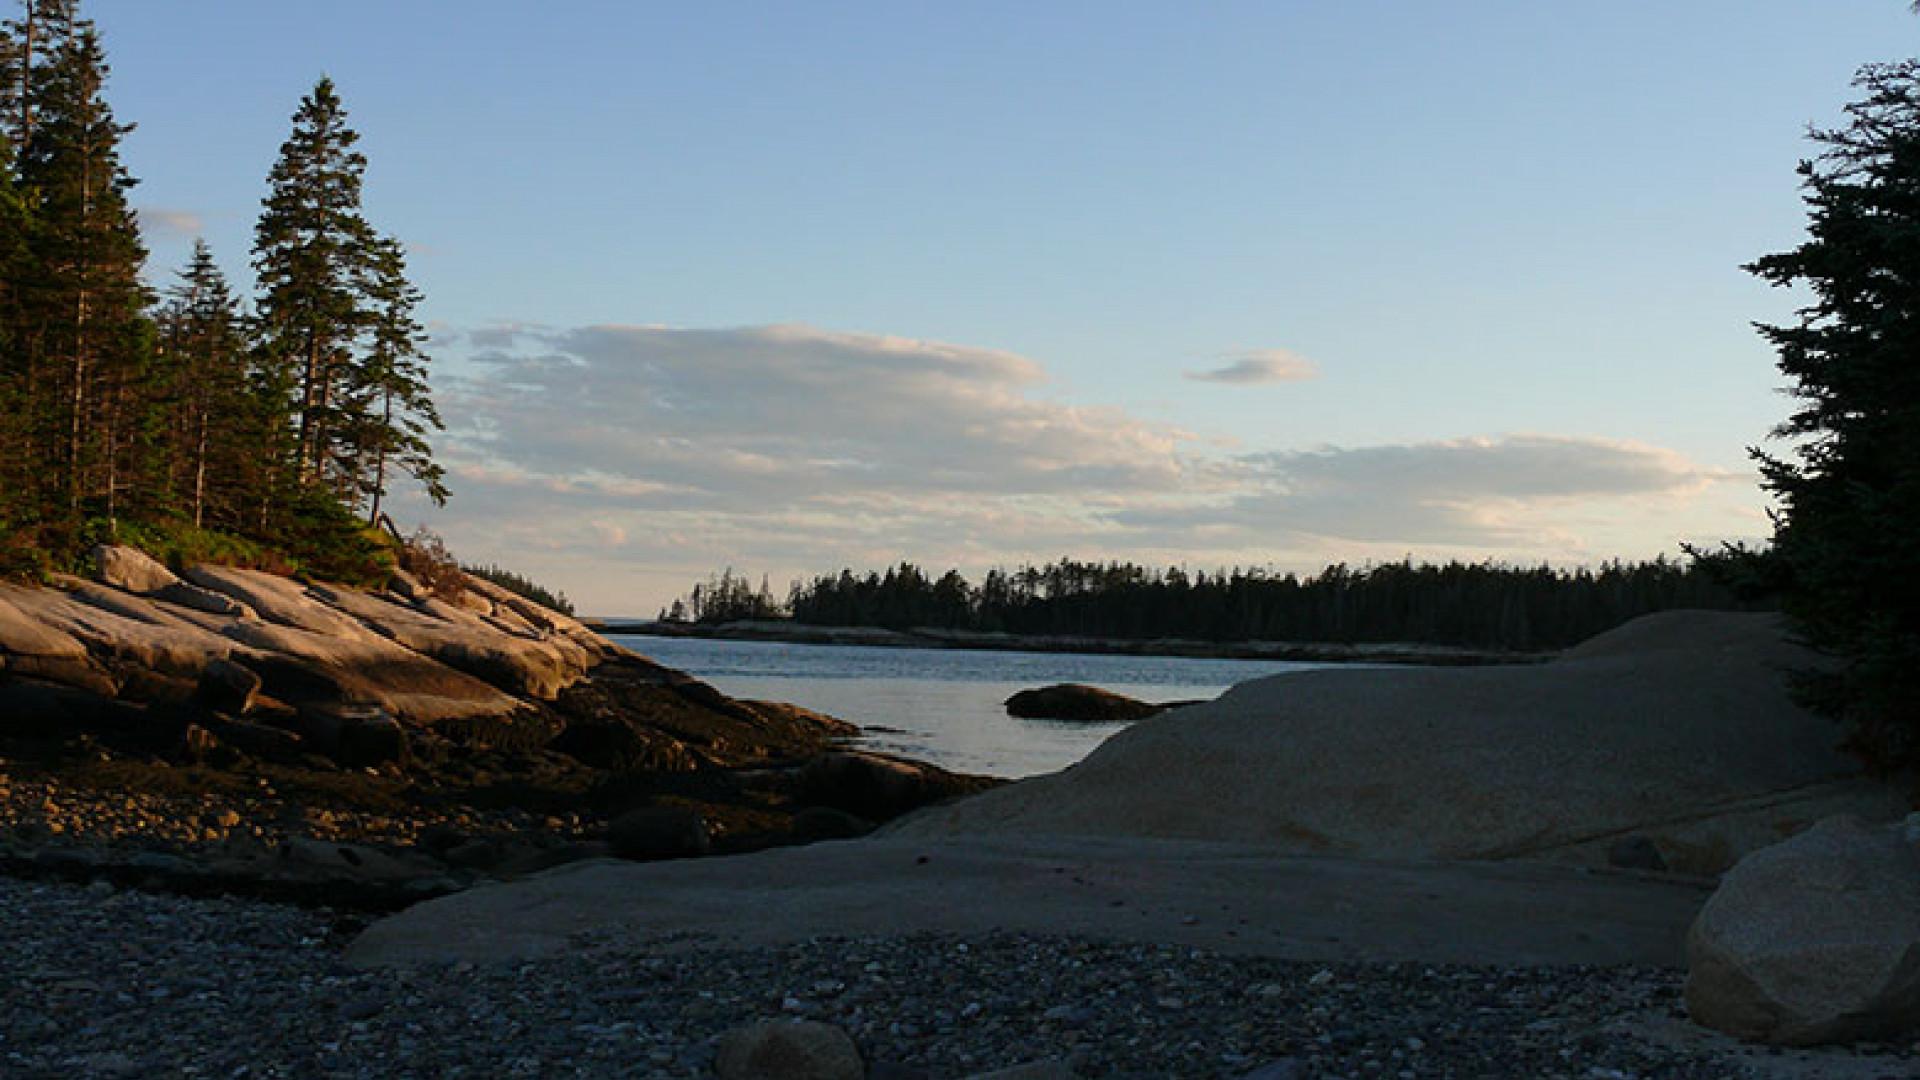 Spectacle-Island-courtesy-of-Hannah-Lazaro